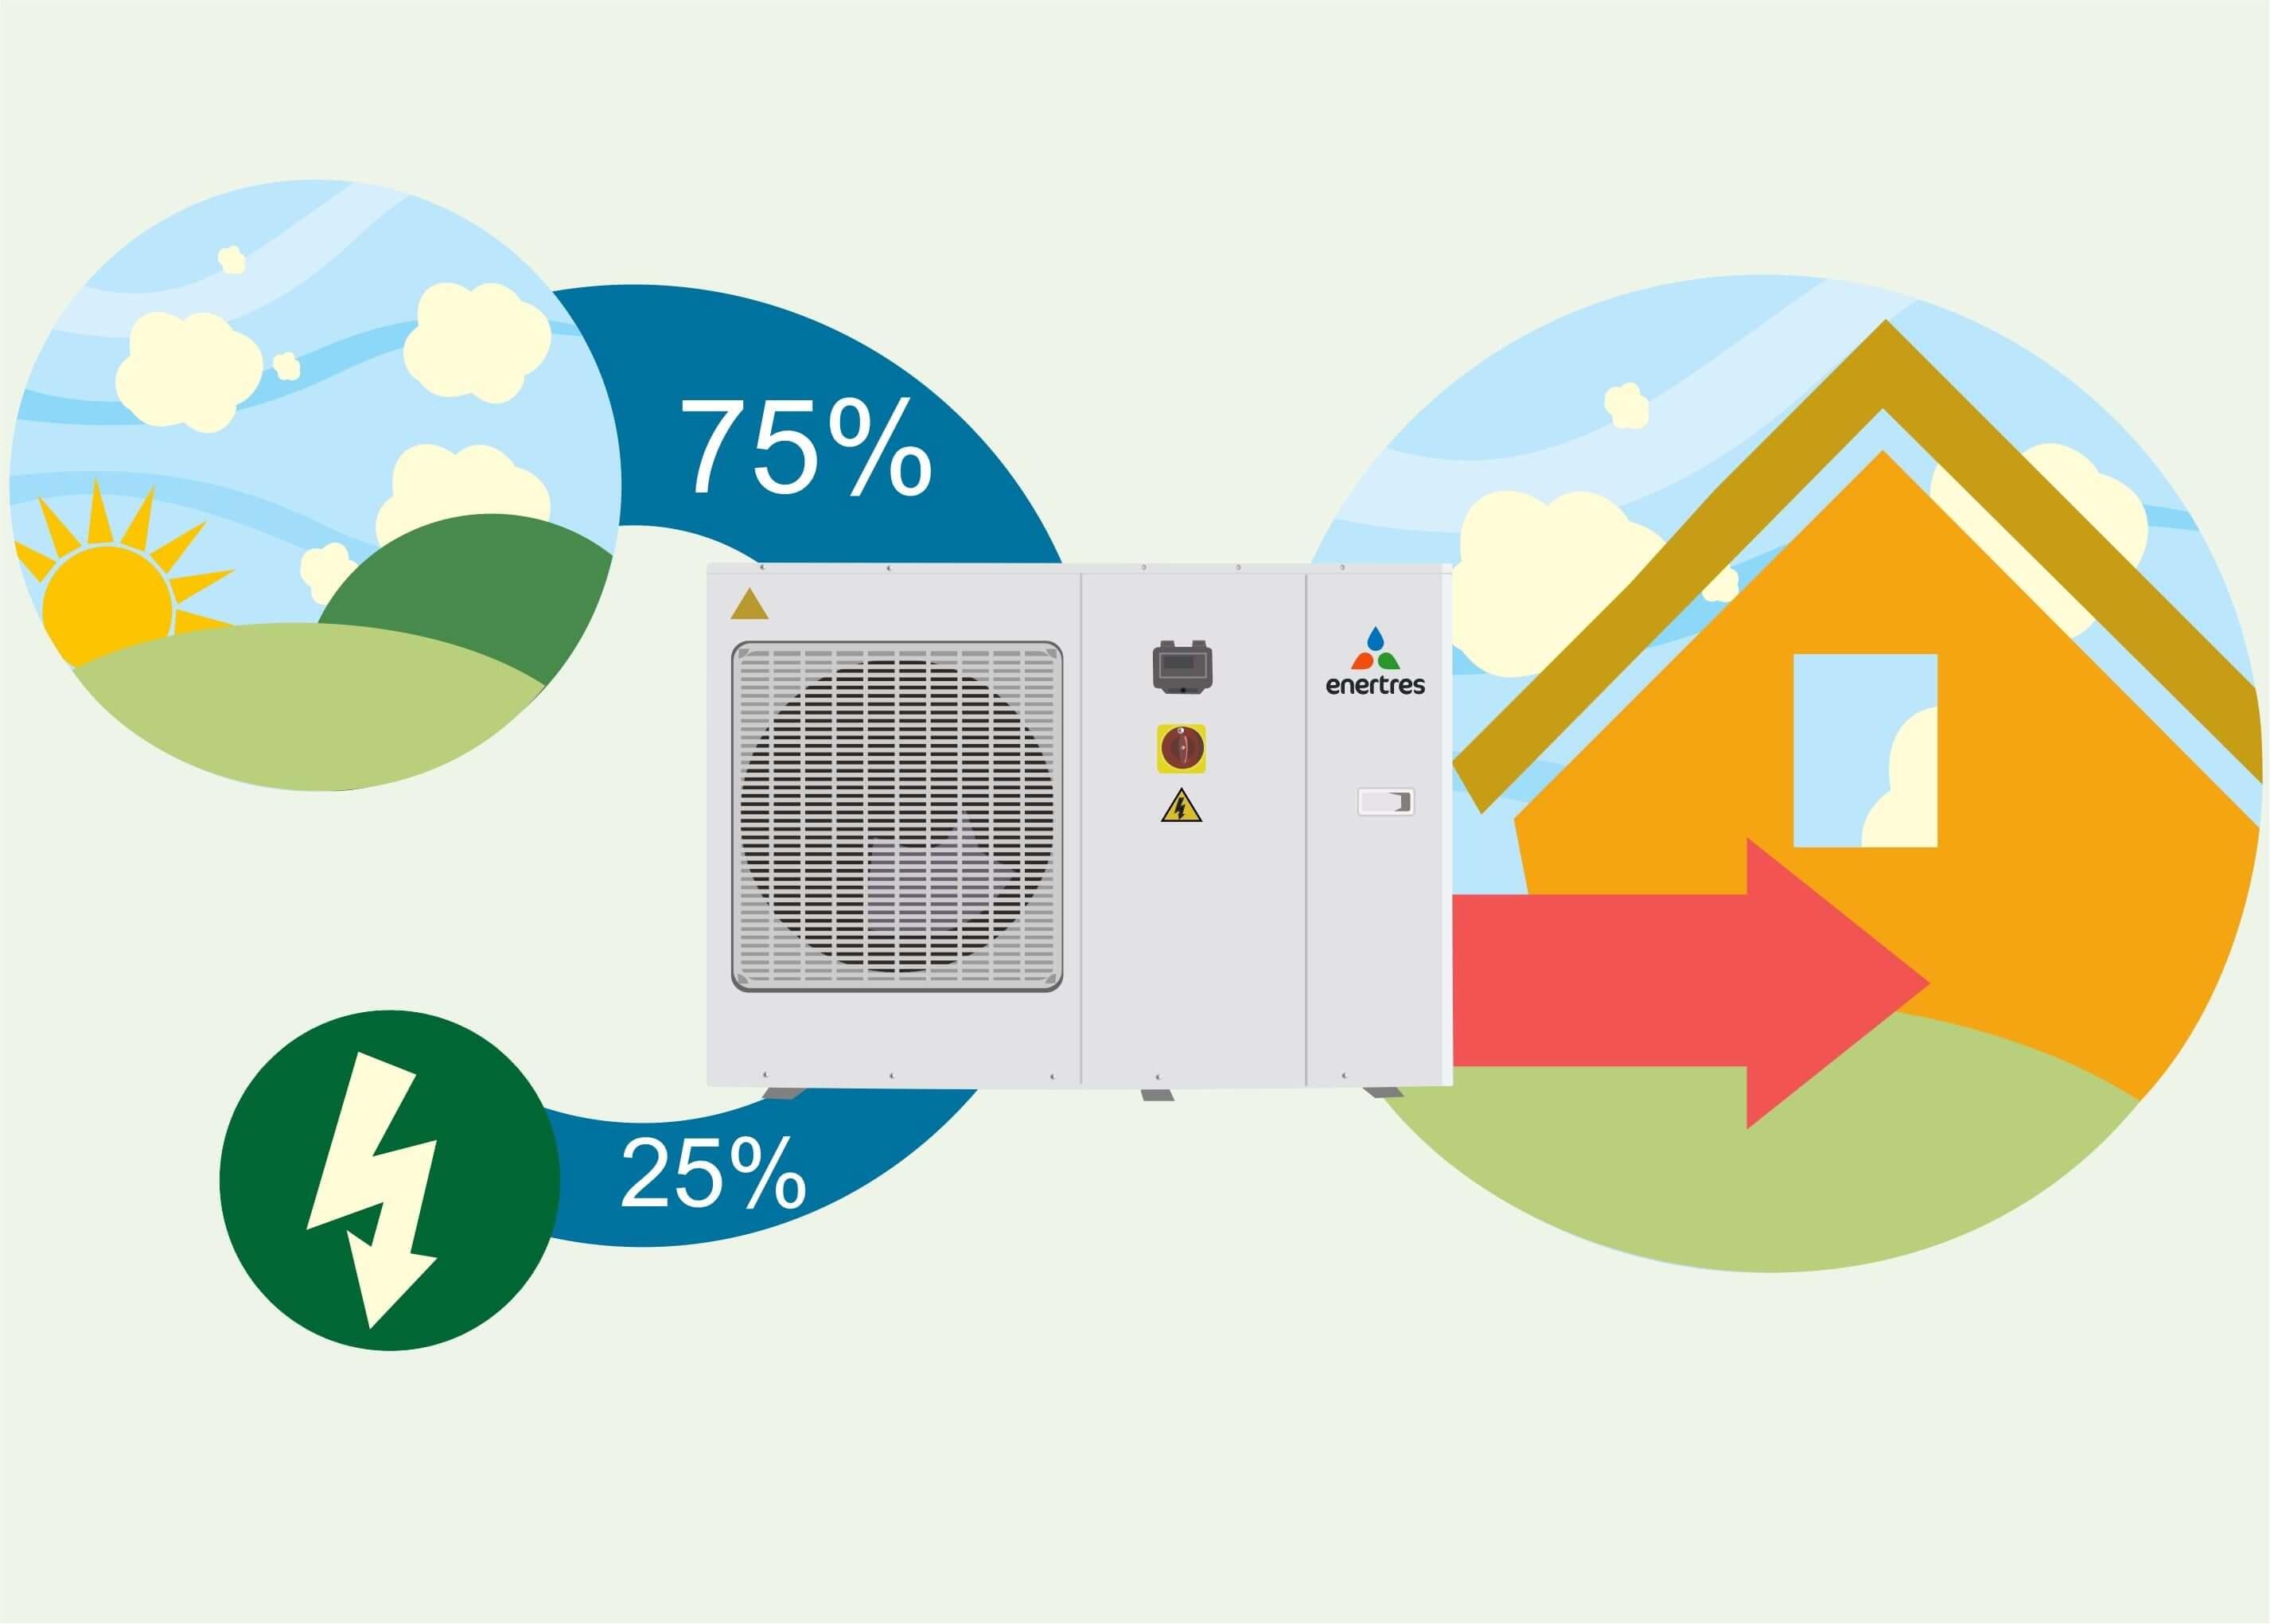 Aerotermia la calefacci n con aerotermia es 25 y 50 for Calefaccion economica